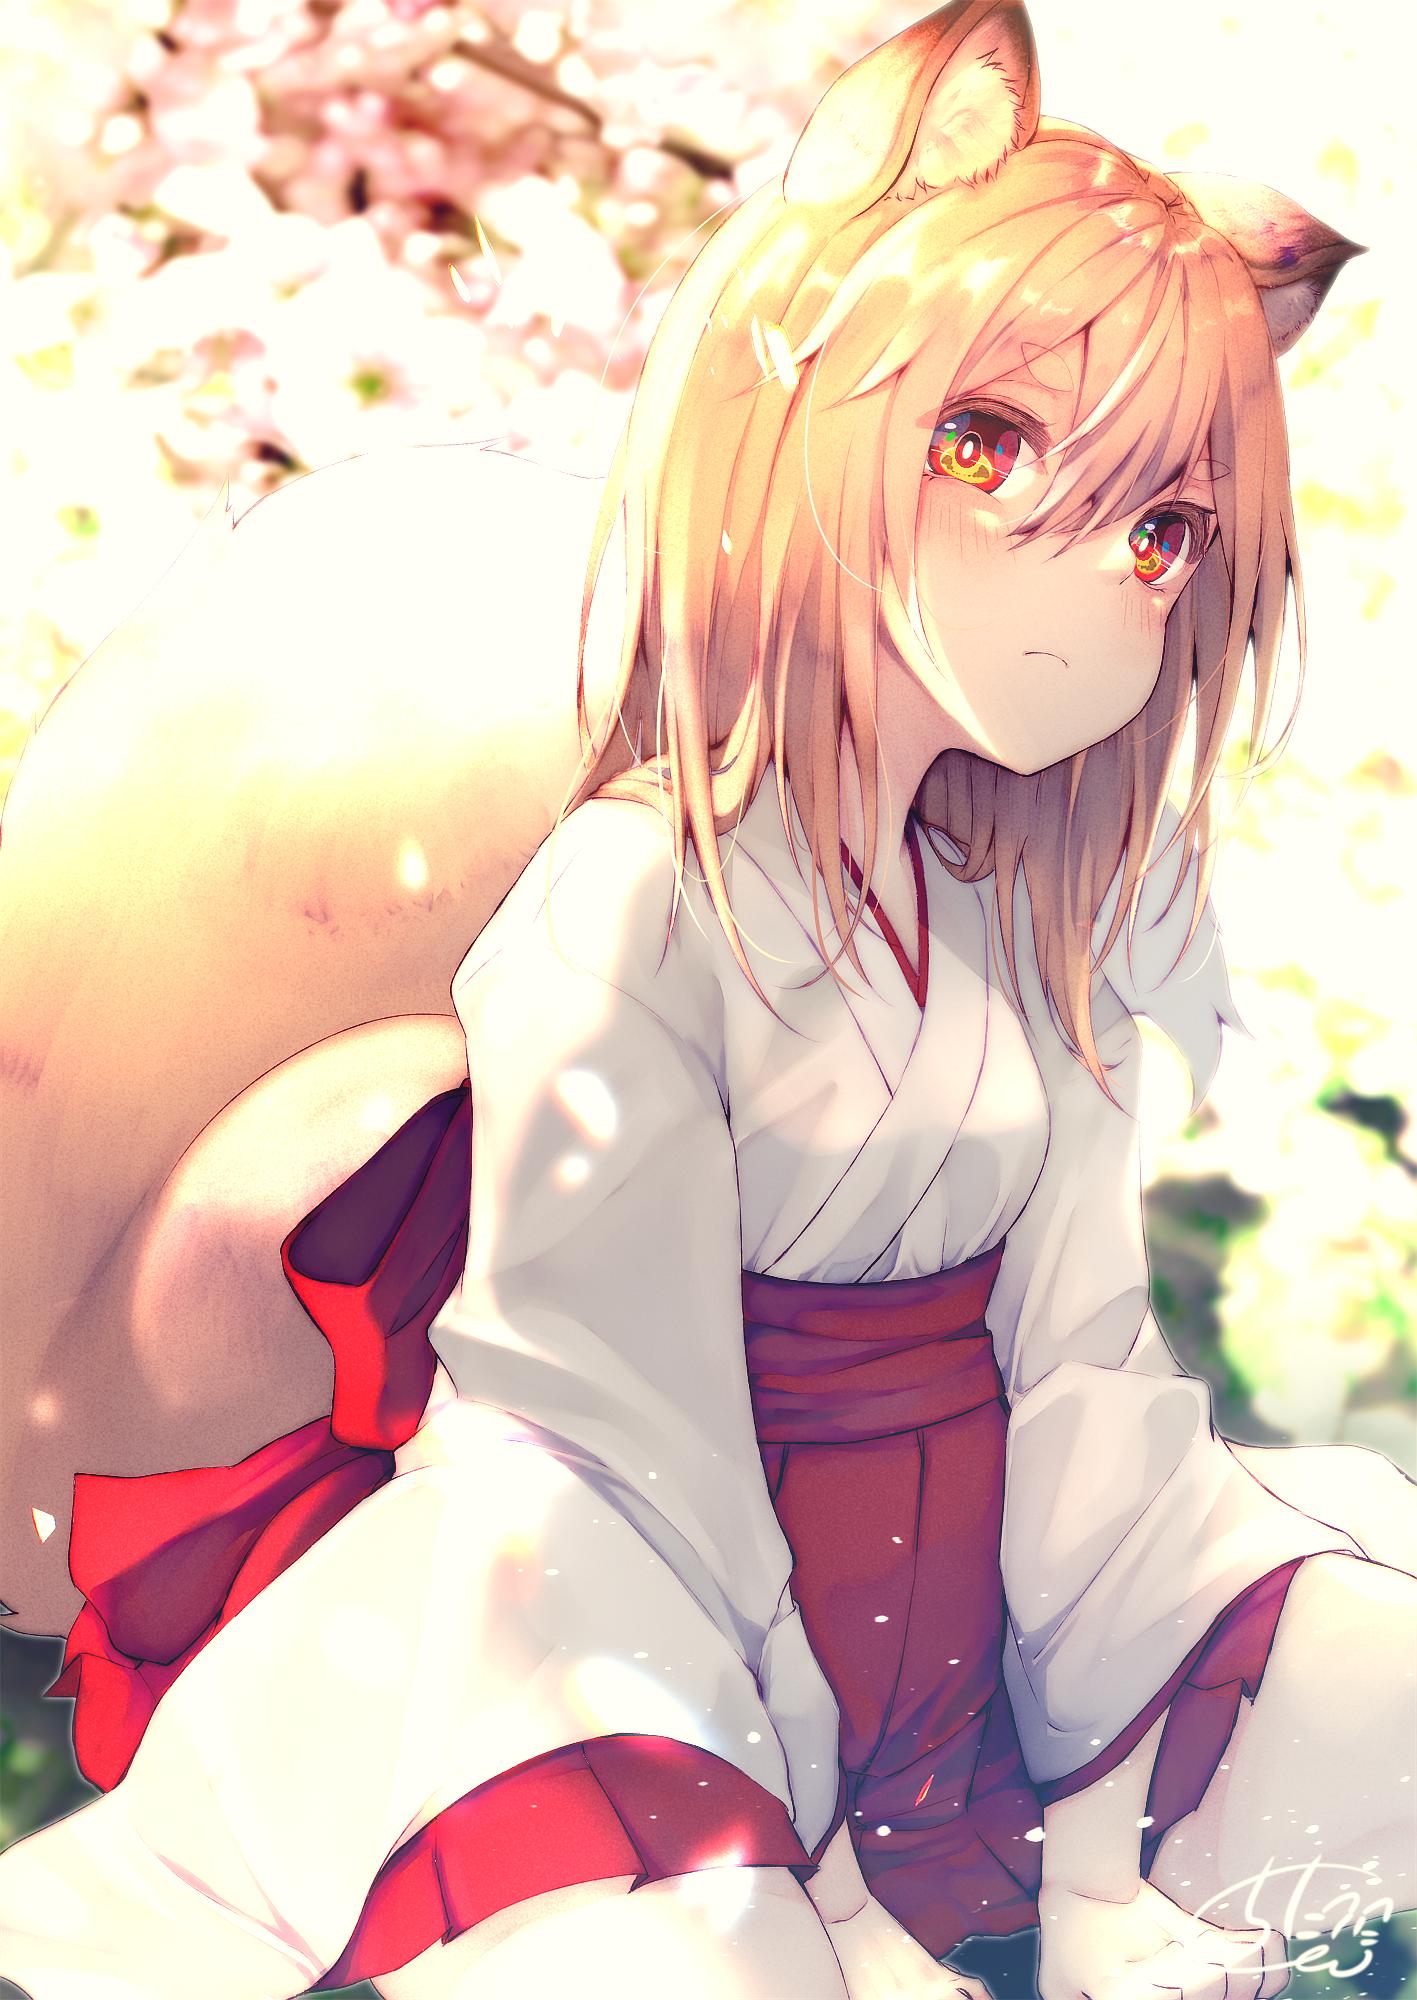 Safebooru - 1girl :3 animal ears blush character name